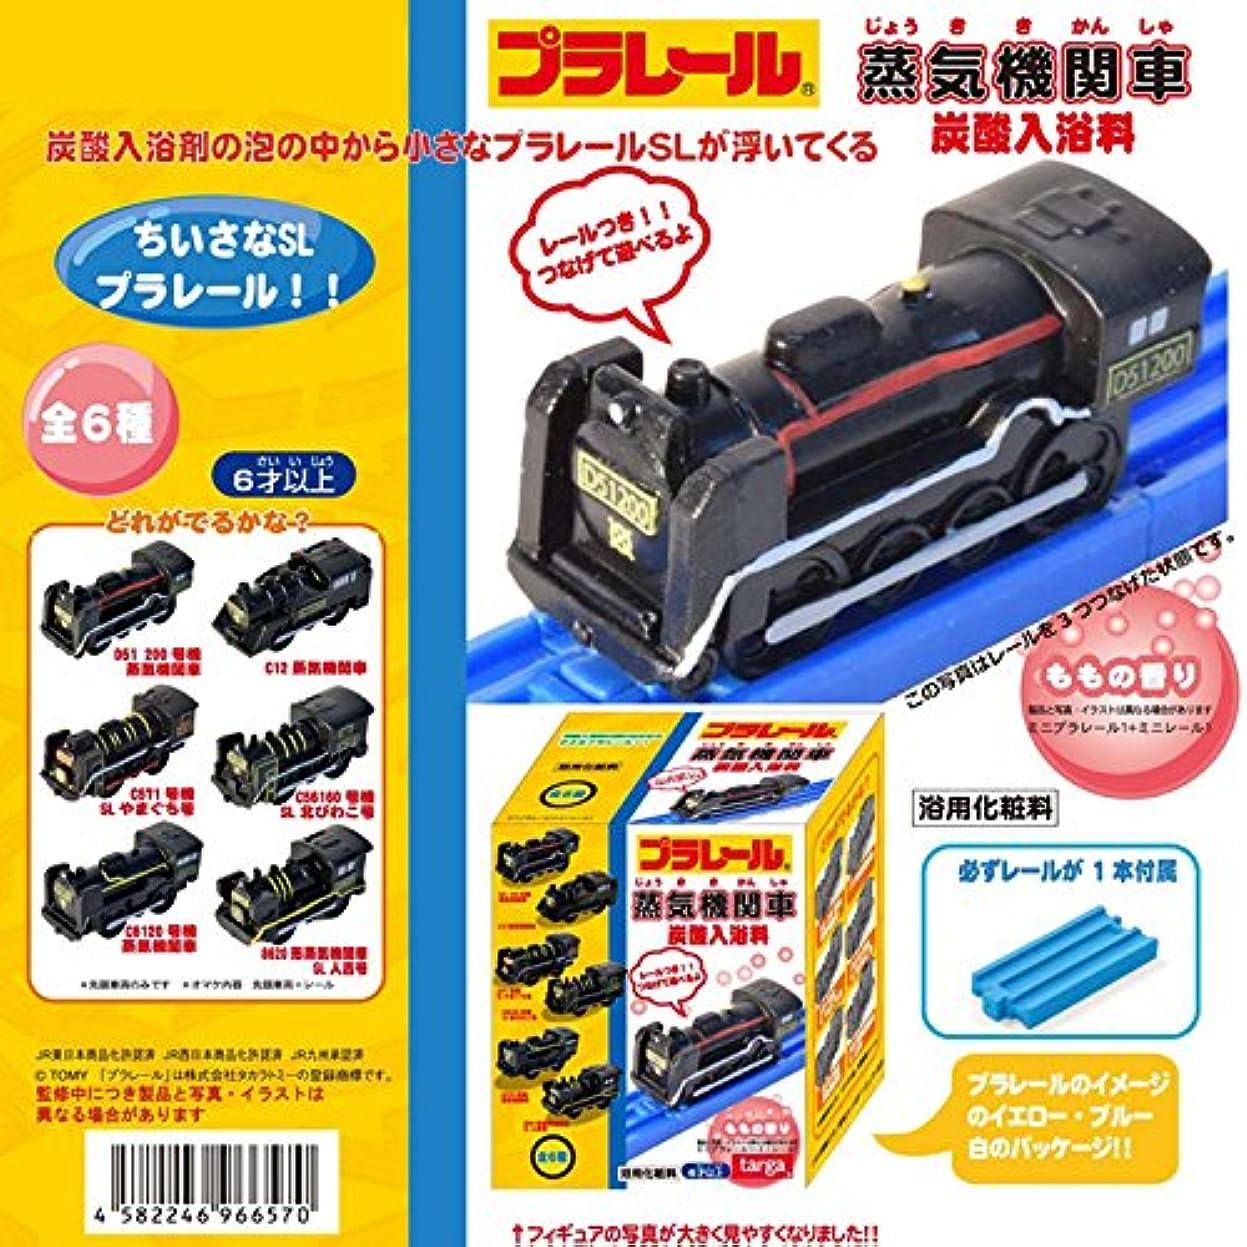 ミュート解釈次プラレール 蒸気機関車 炭酸入浴料 6個1セット ももの香り レールつき機関車 入浴剤